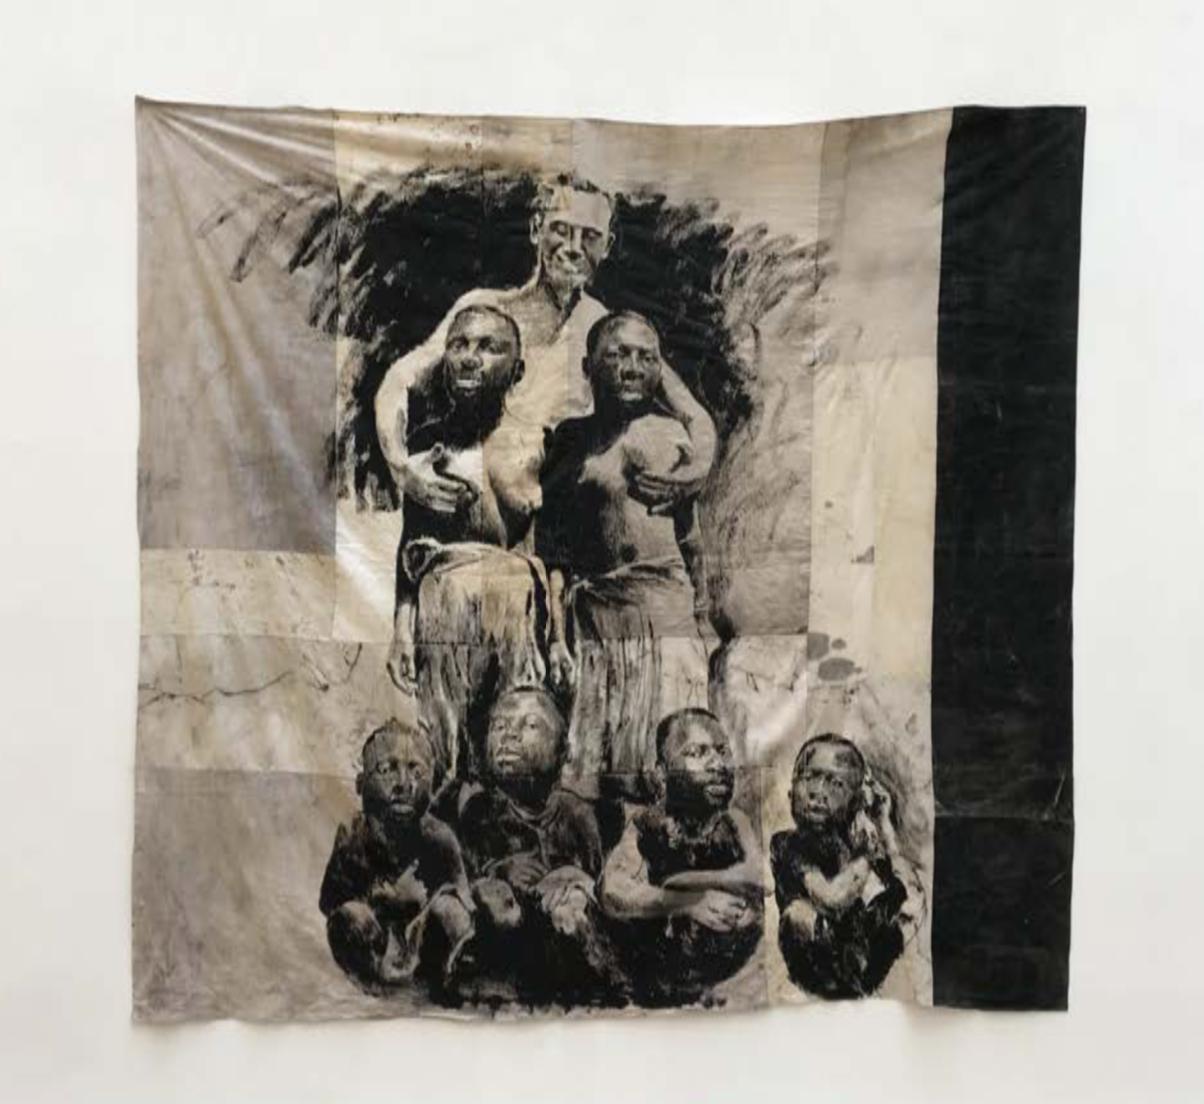 ROMÉO MIVEKANNIN  «Soldat américain avec ses mains sur les seins de deux jeunes filles», Papouasie-Nouvelle-Guinée, 1944, 2020 Acrylique, bains d'élixir sur toile libre,  247 x 258 cm Courtesy galerie Eric Dupont, Paris.